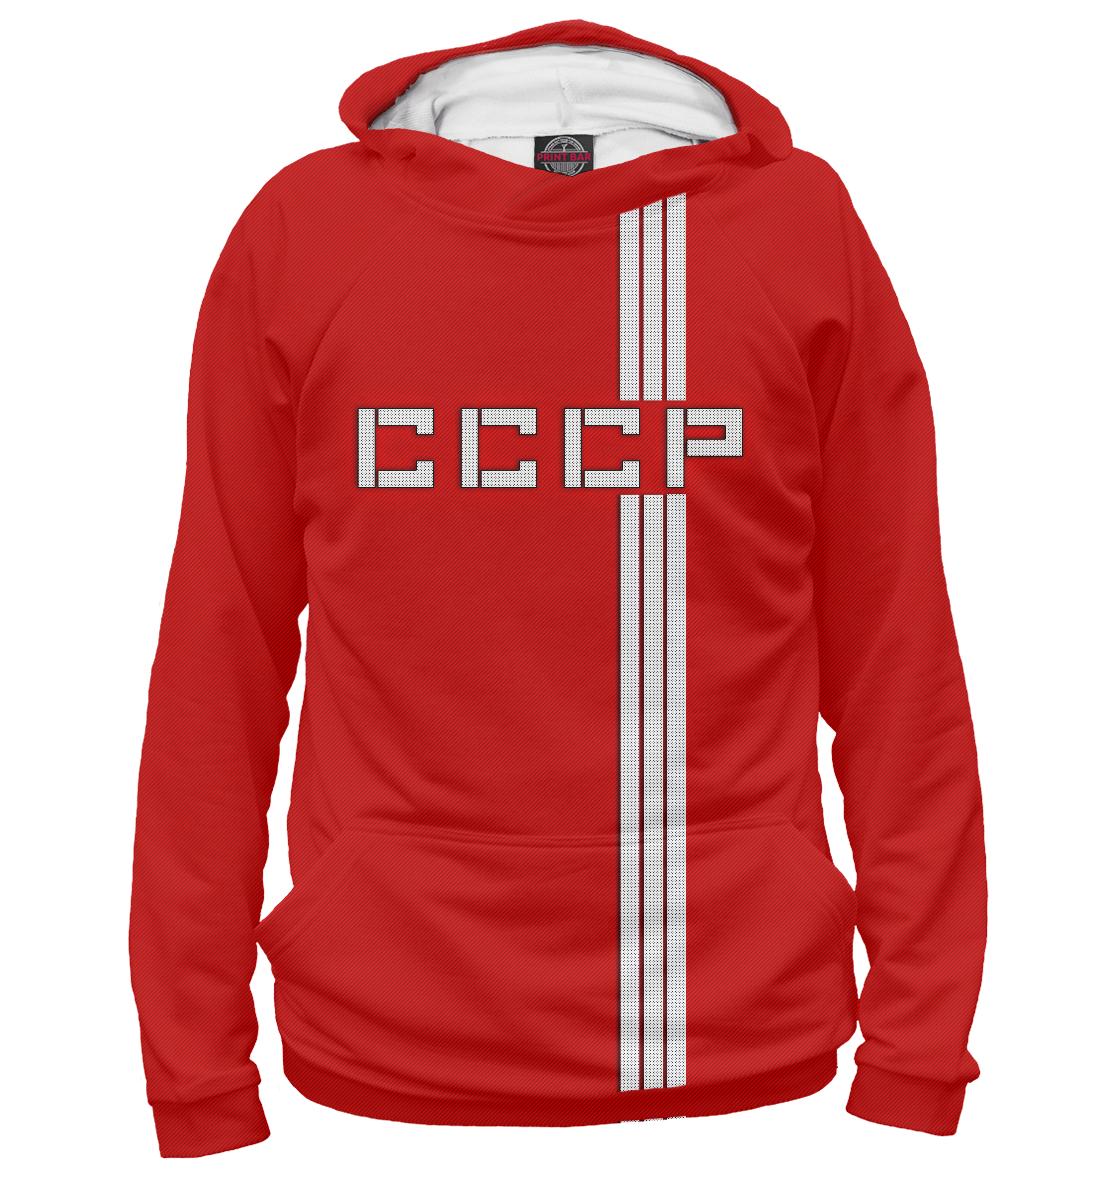 Купить Сборная СССР, Printbar, Худи, SSS-868189-hud-2